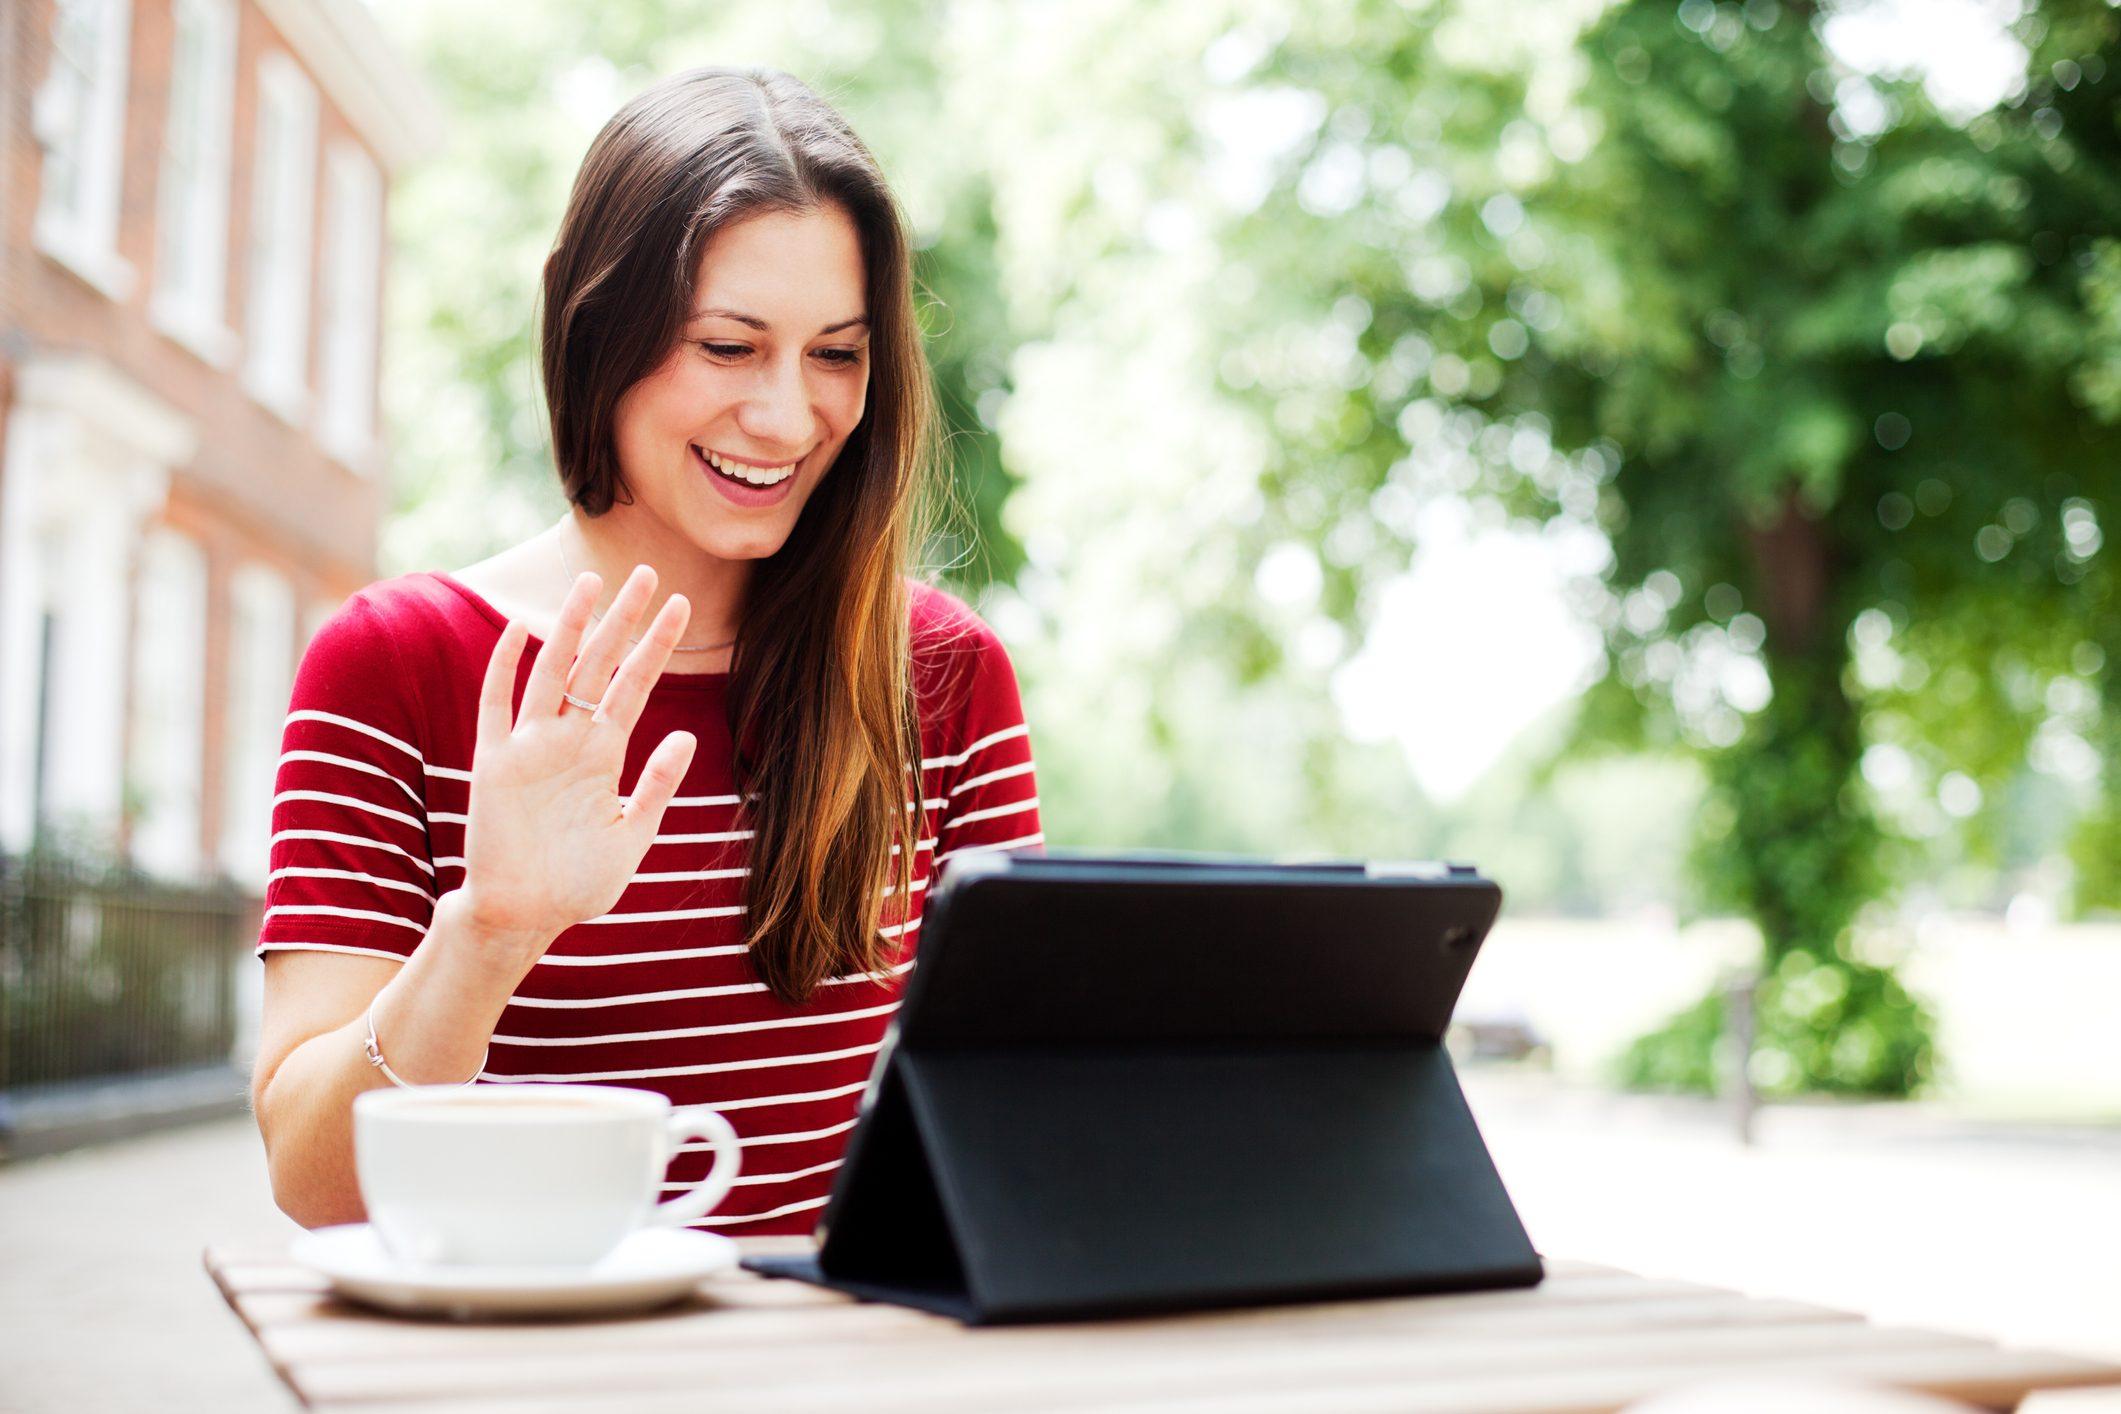 Woman waving at digital tablet.